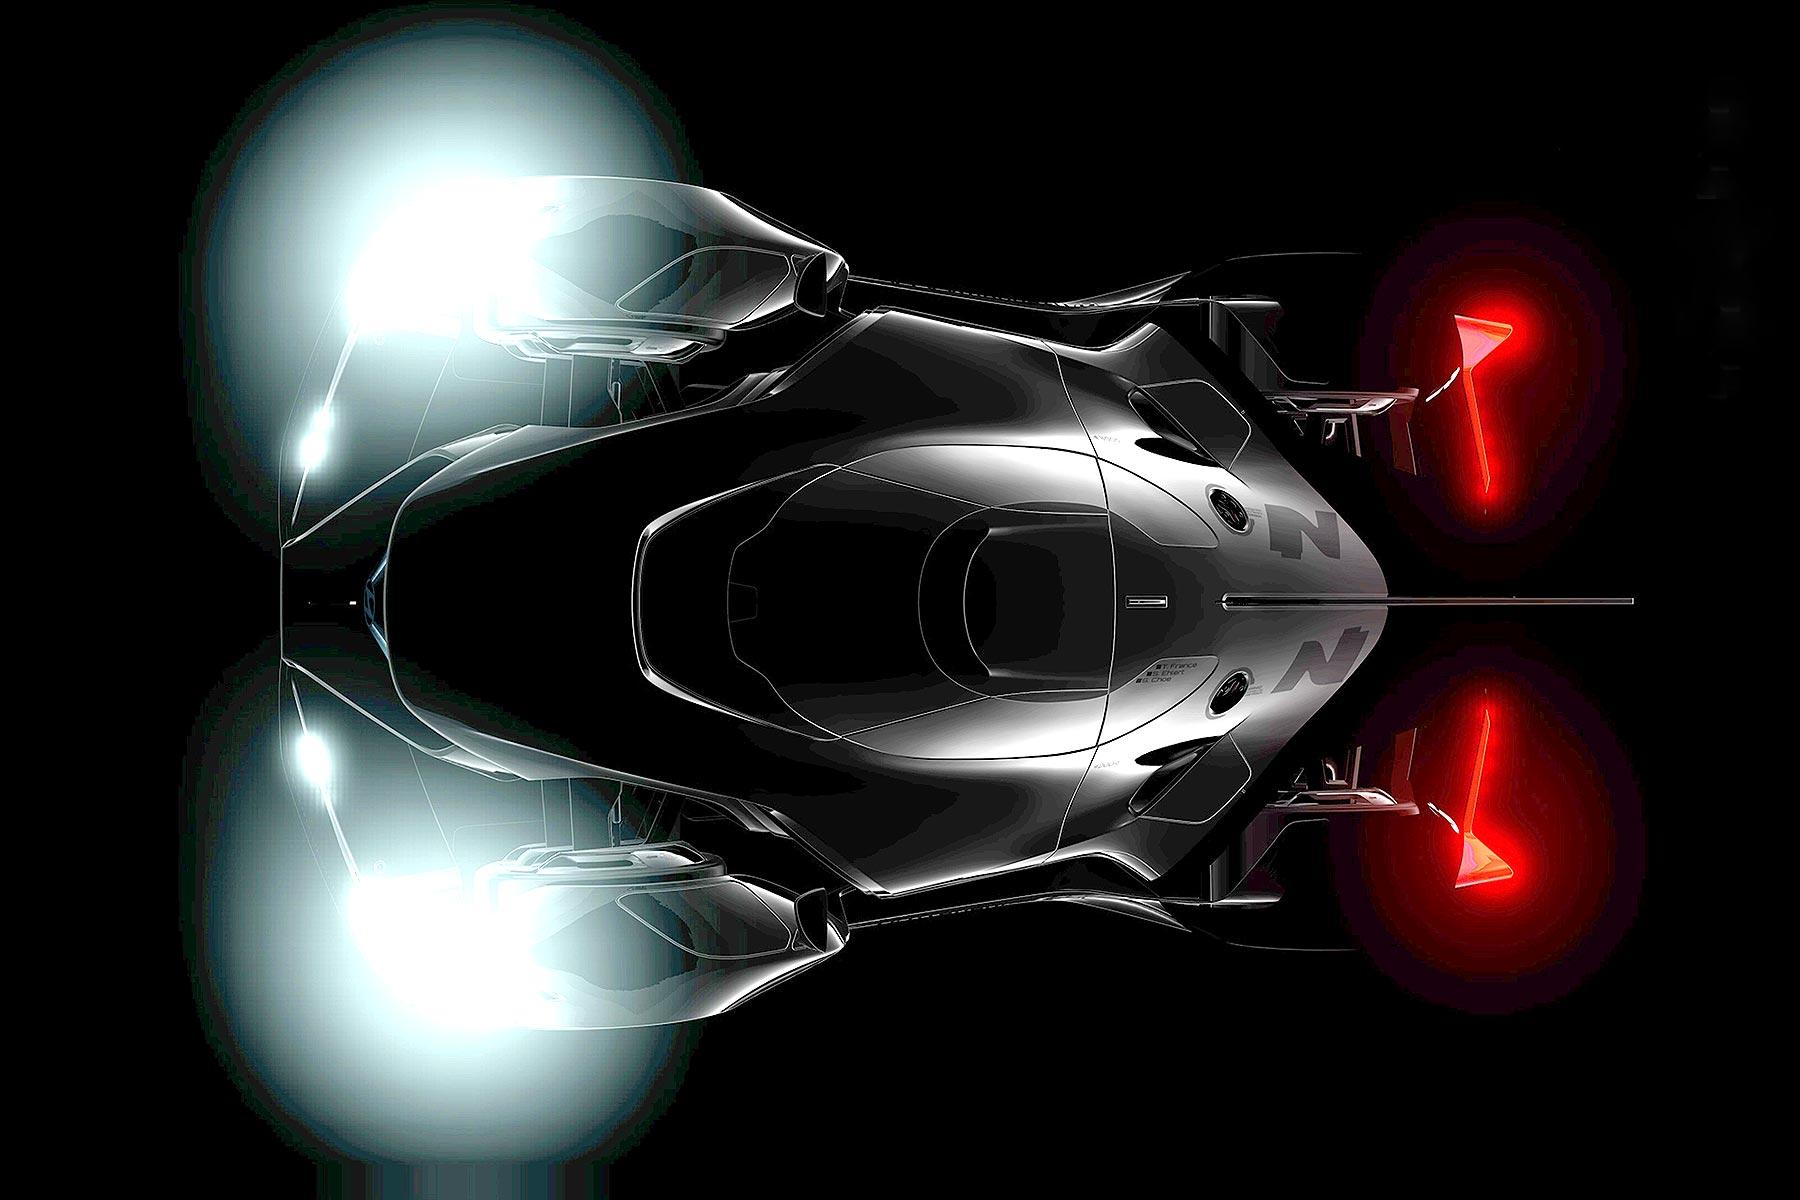 Hyundai N 2025 Vision Gran Turismo teaser